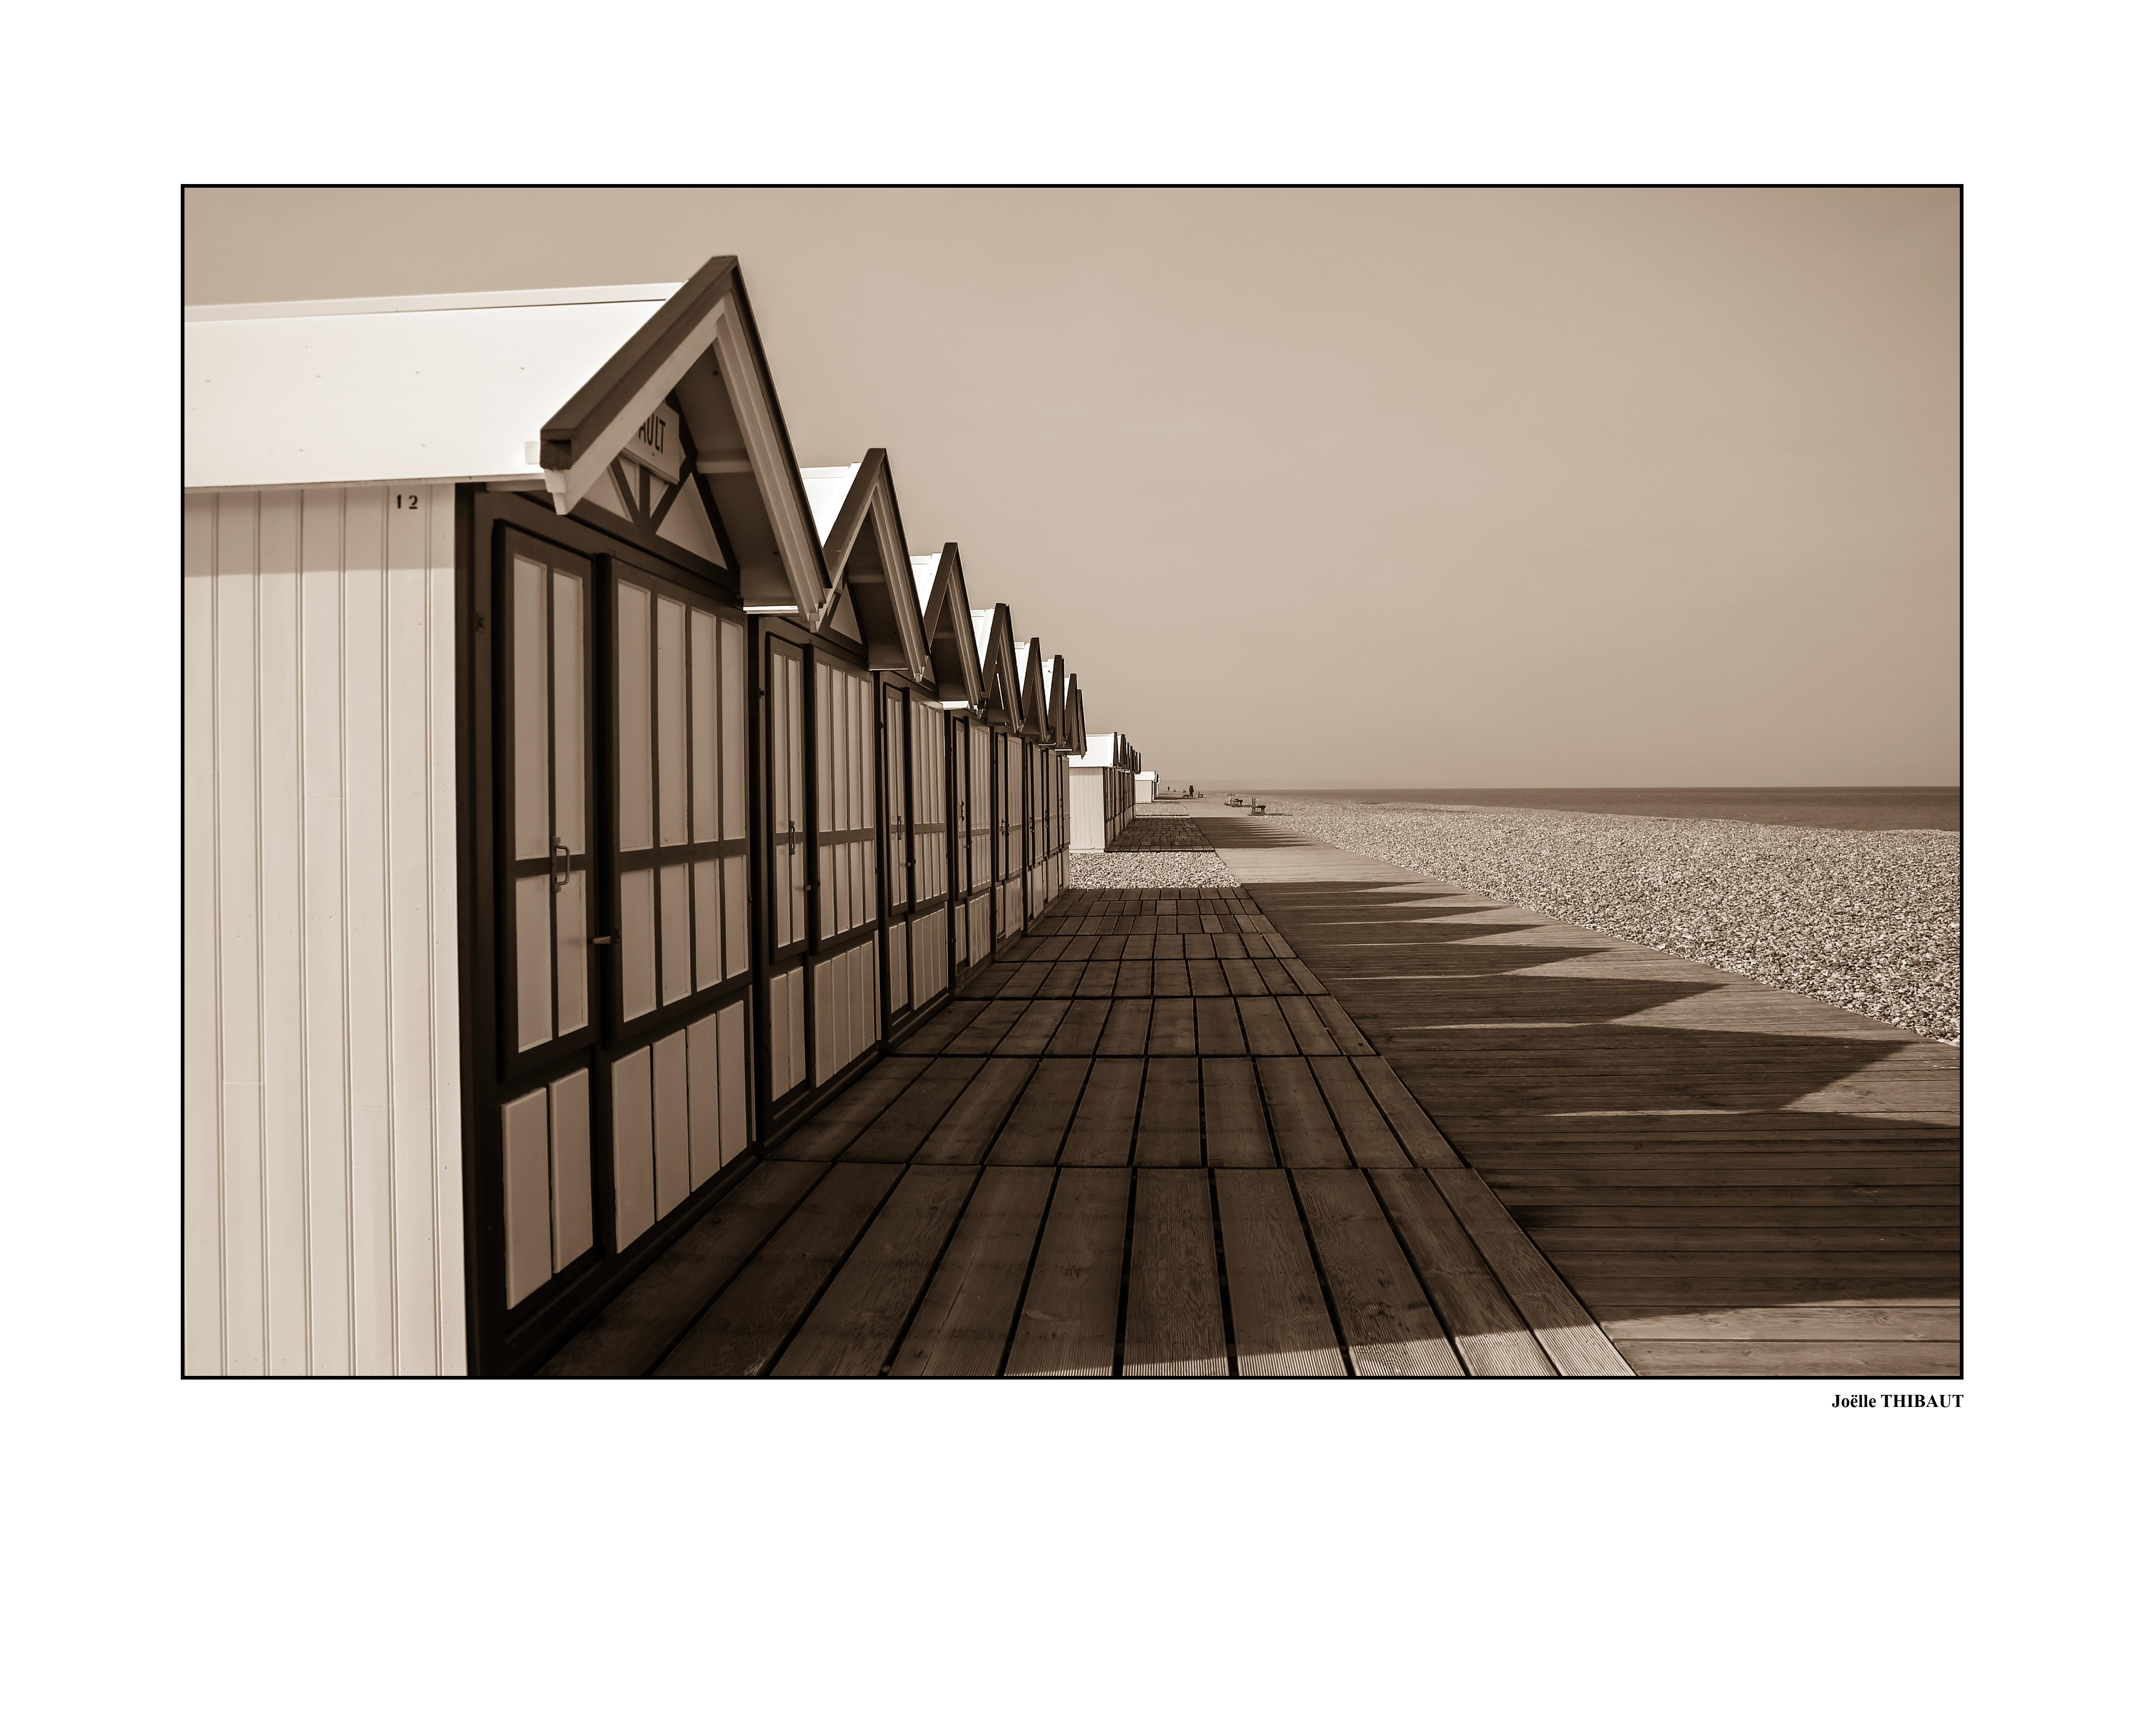 Joelle-Cabines-de-plage